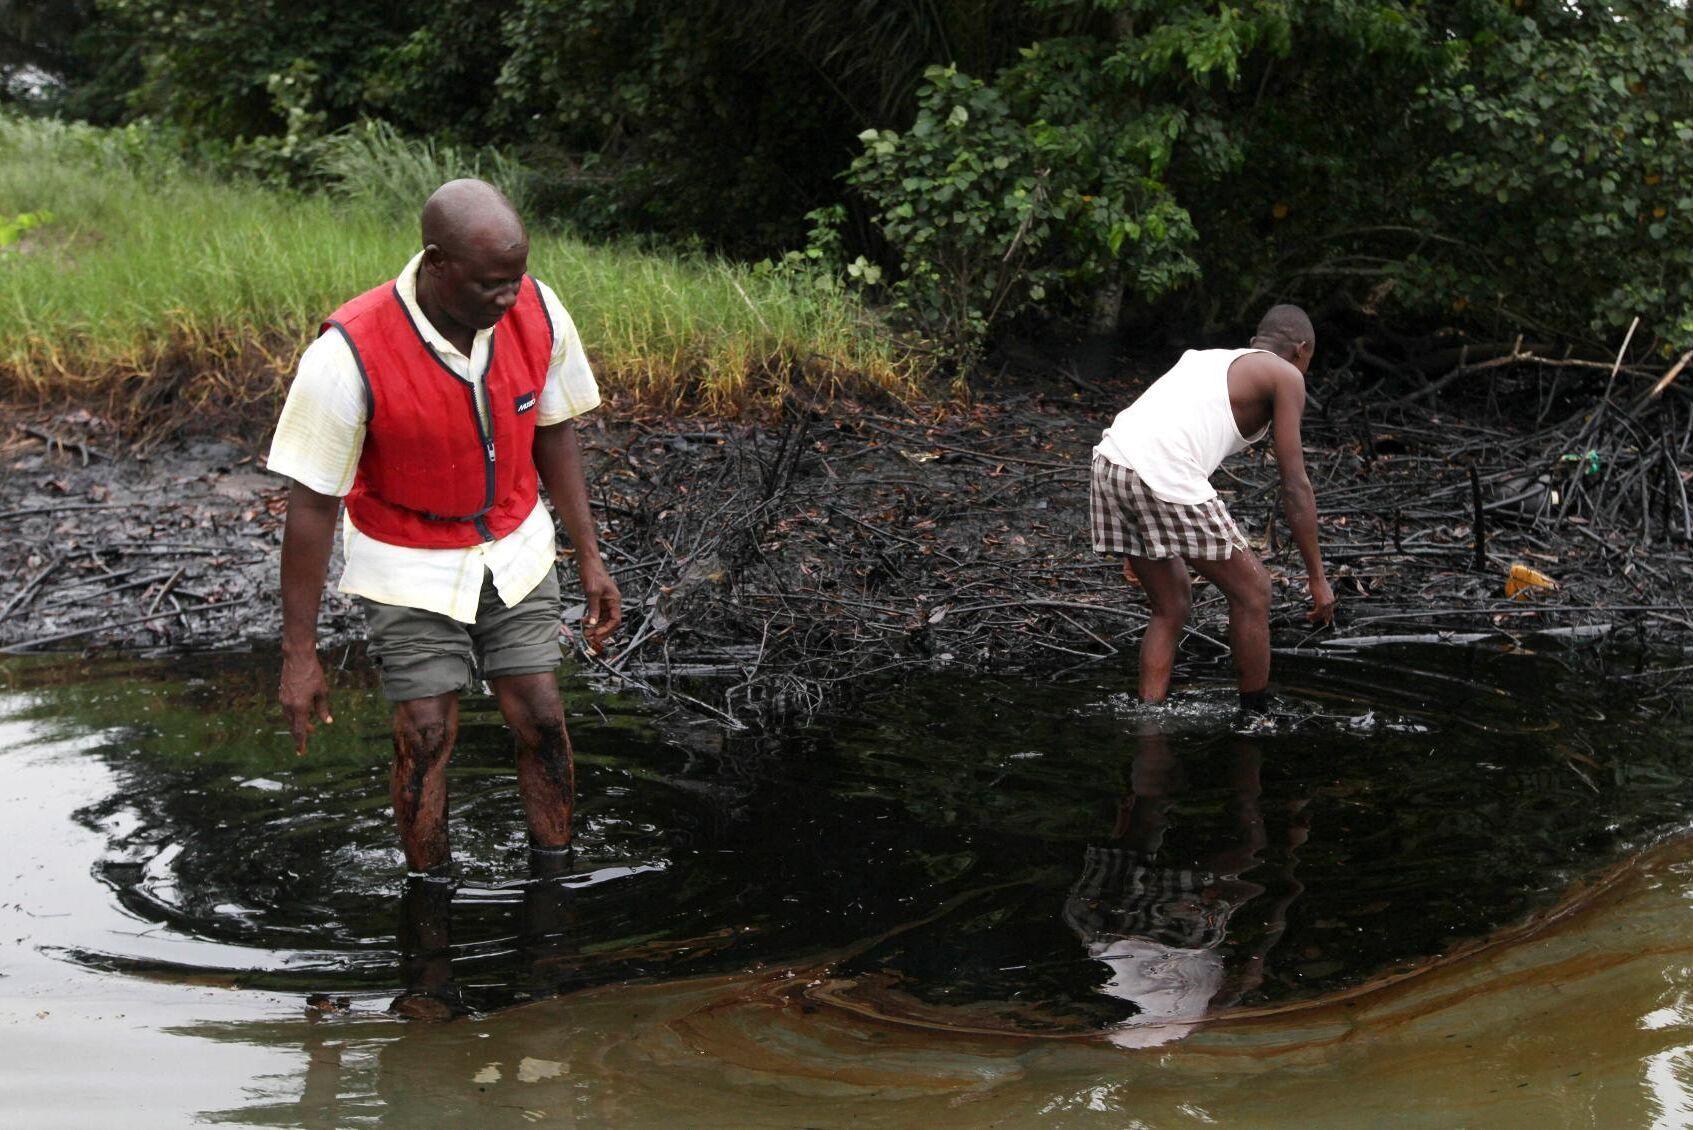 Oljefläck i en vik i närheten av Bodo City i södra Nigeria. Bilden är från den 20 juni 2010.